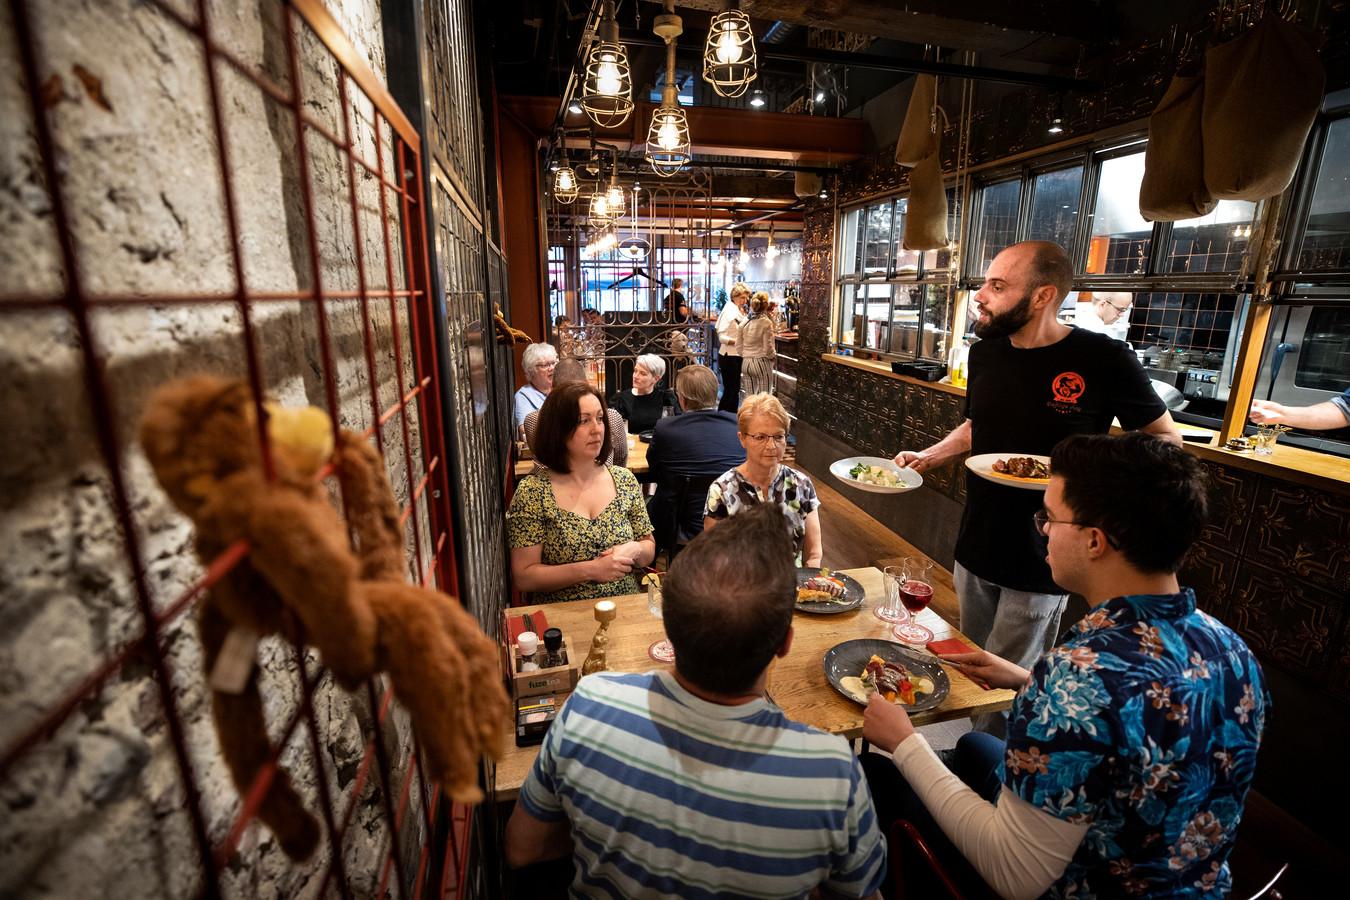 Bij de Deftige Aap worden de gerechten geserveerd met zicht op de open keuken.